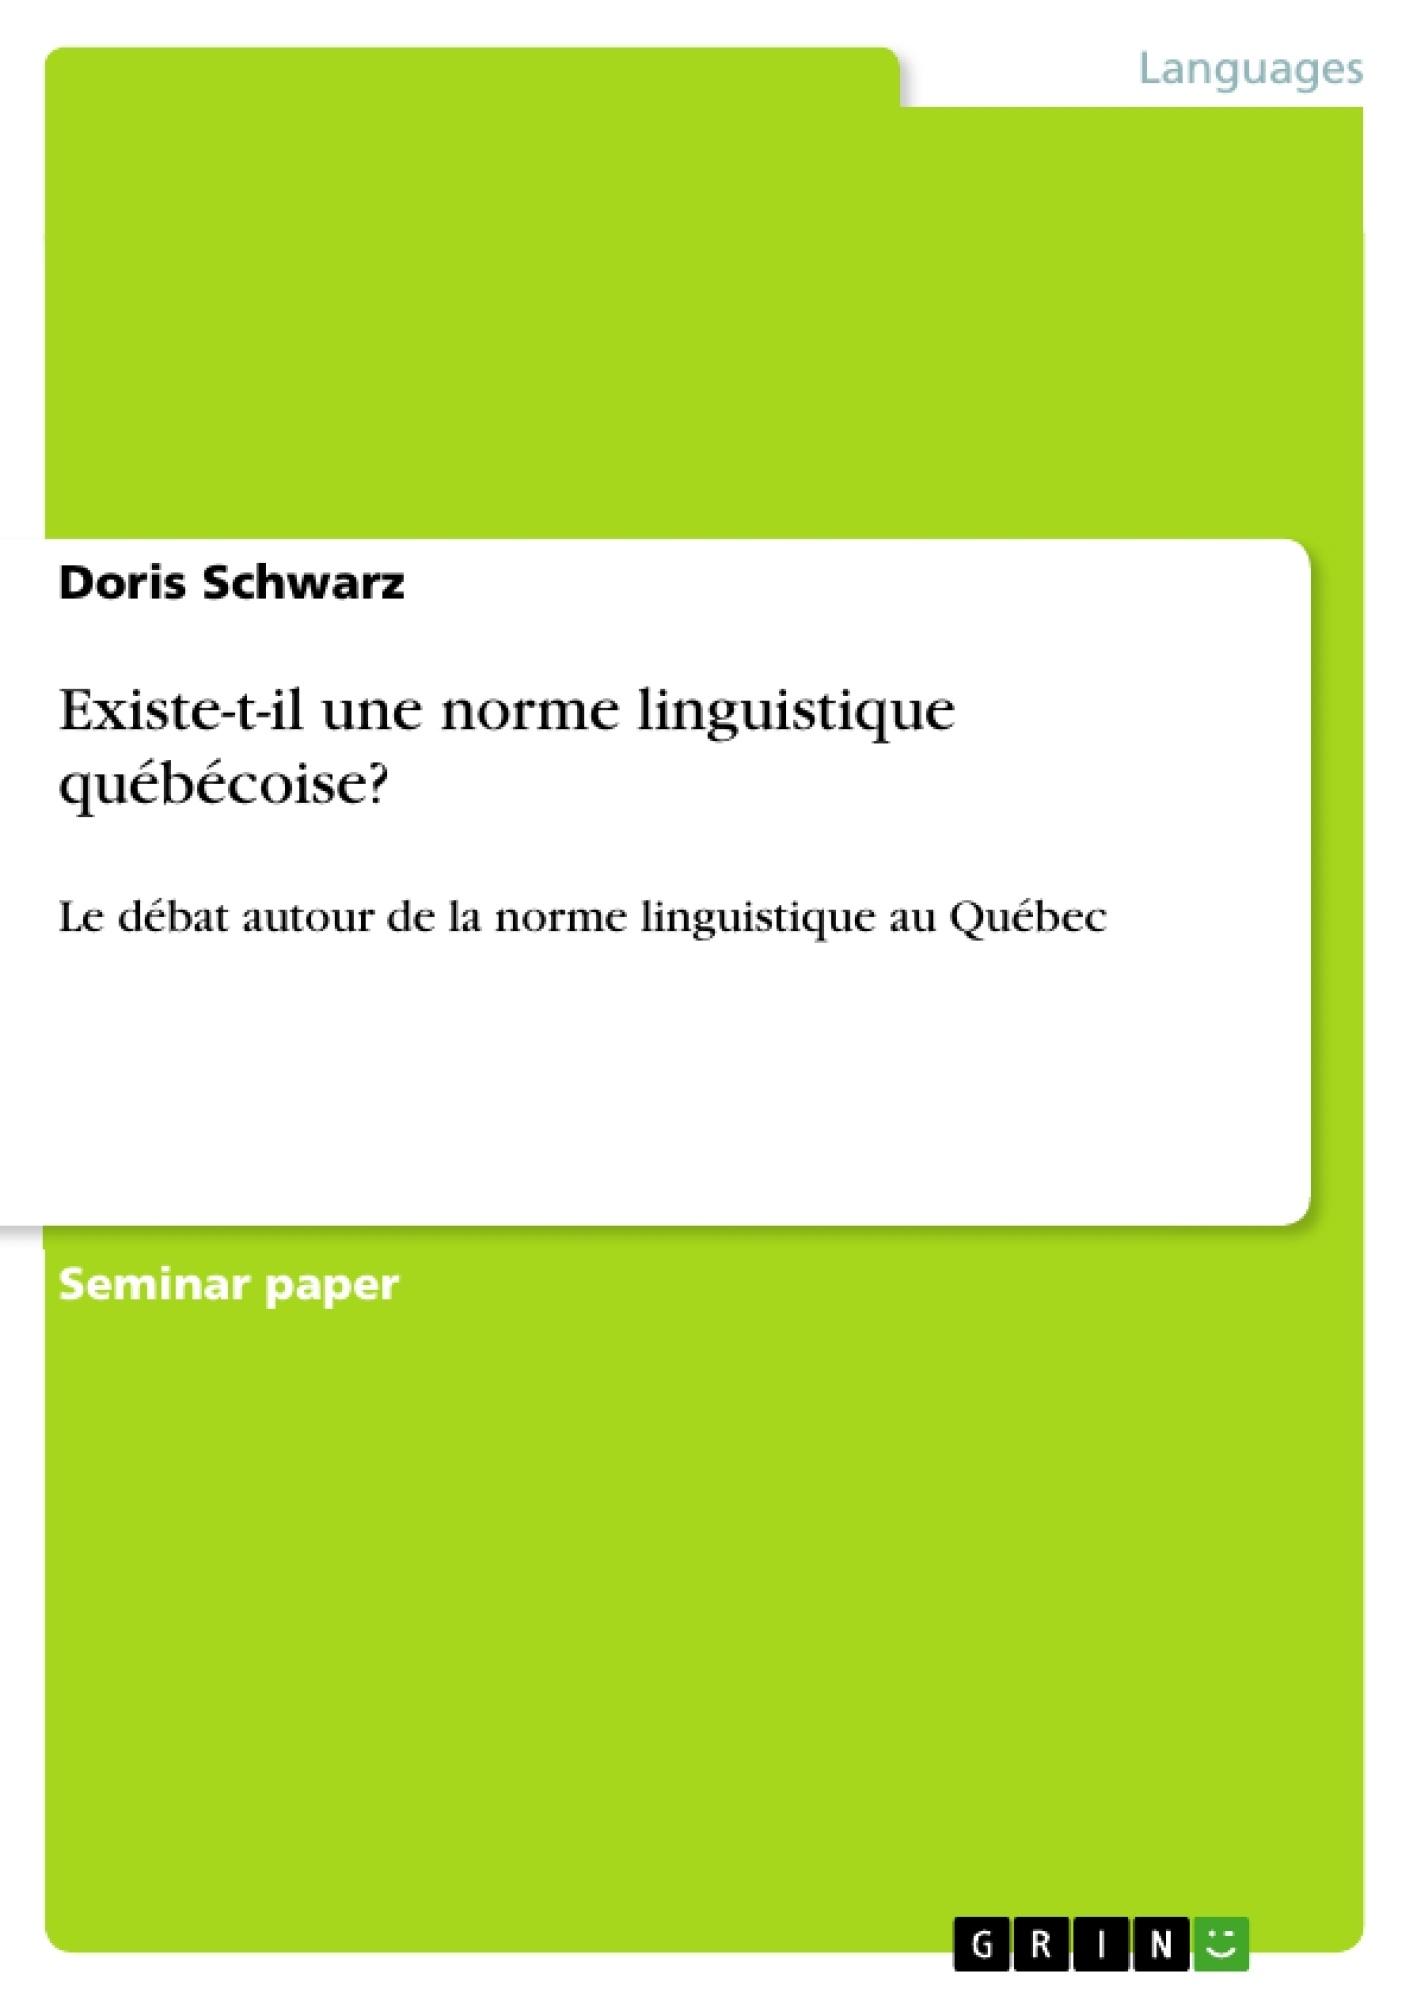 Titre: Existe-t-il une norme linguistique québécoise?